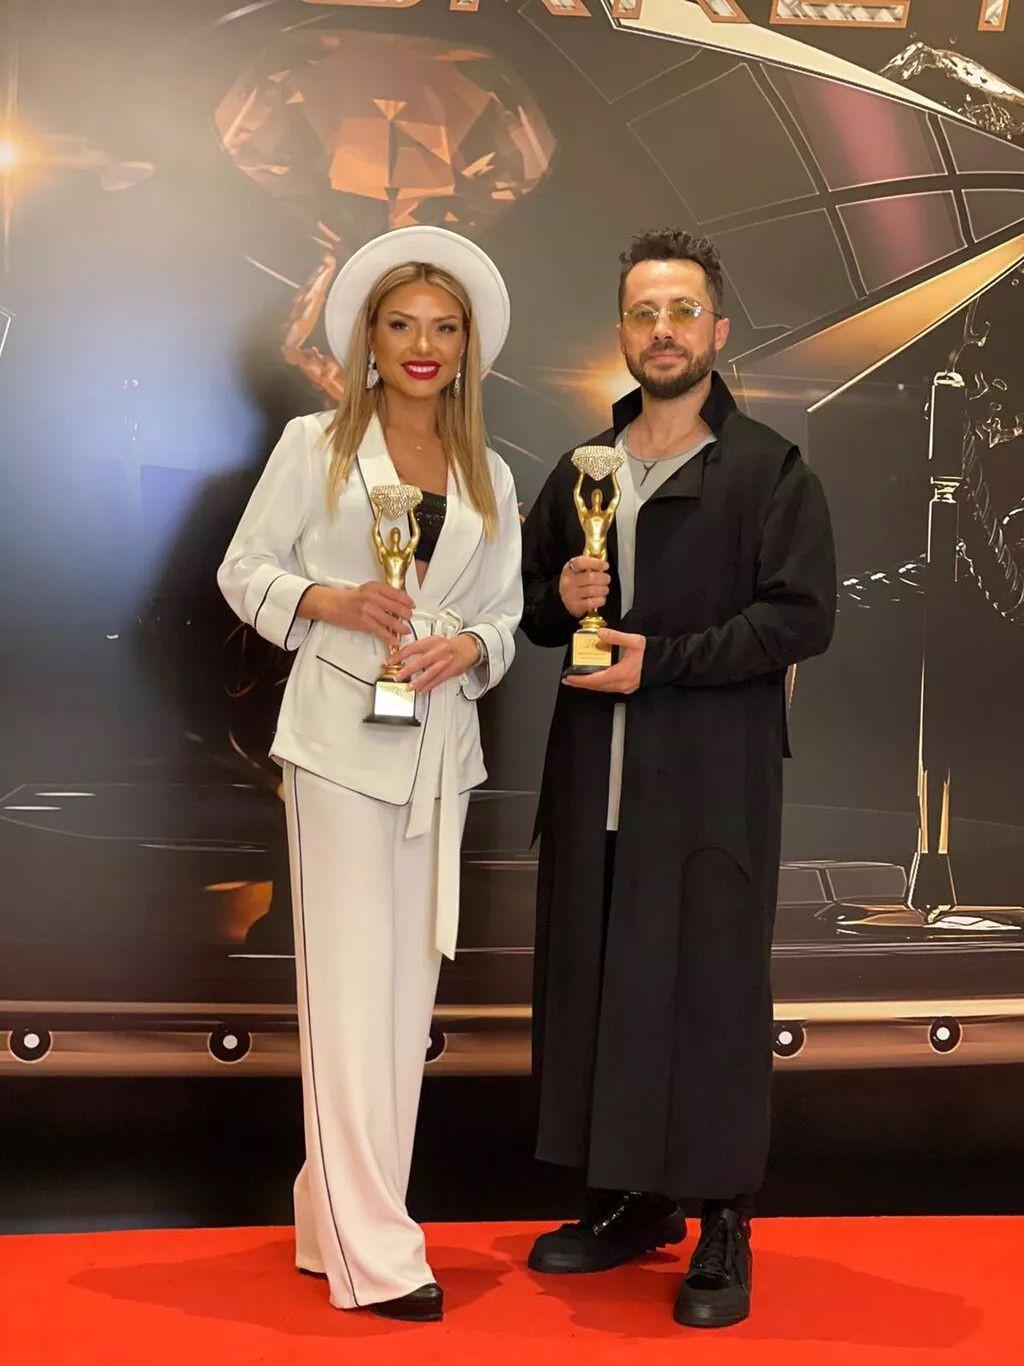 Ünlü sunucu Medina Abdullayeva yılın en iyisi seçildi - Sayfa 4